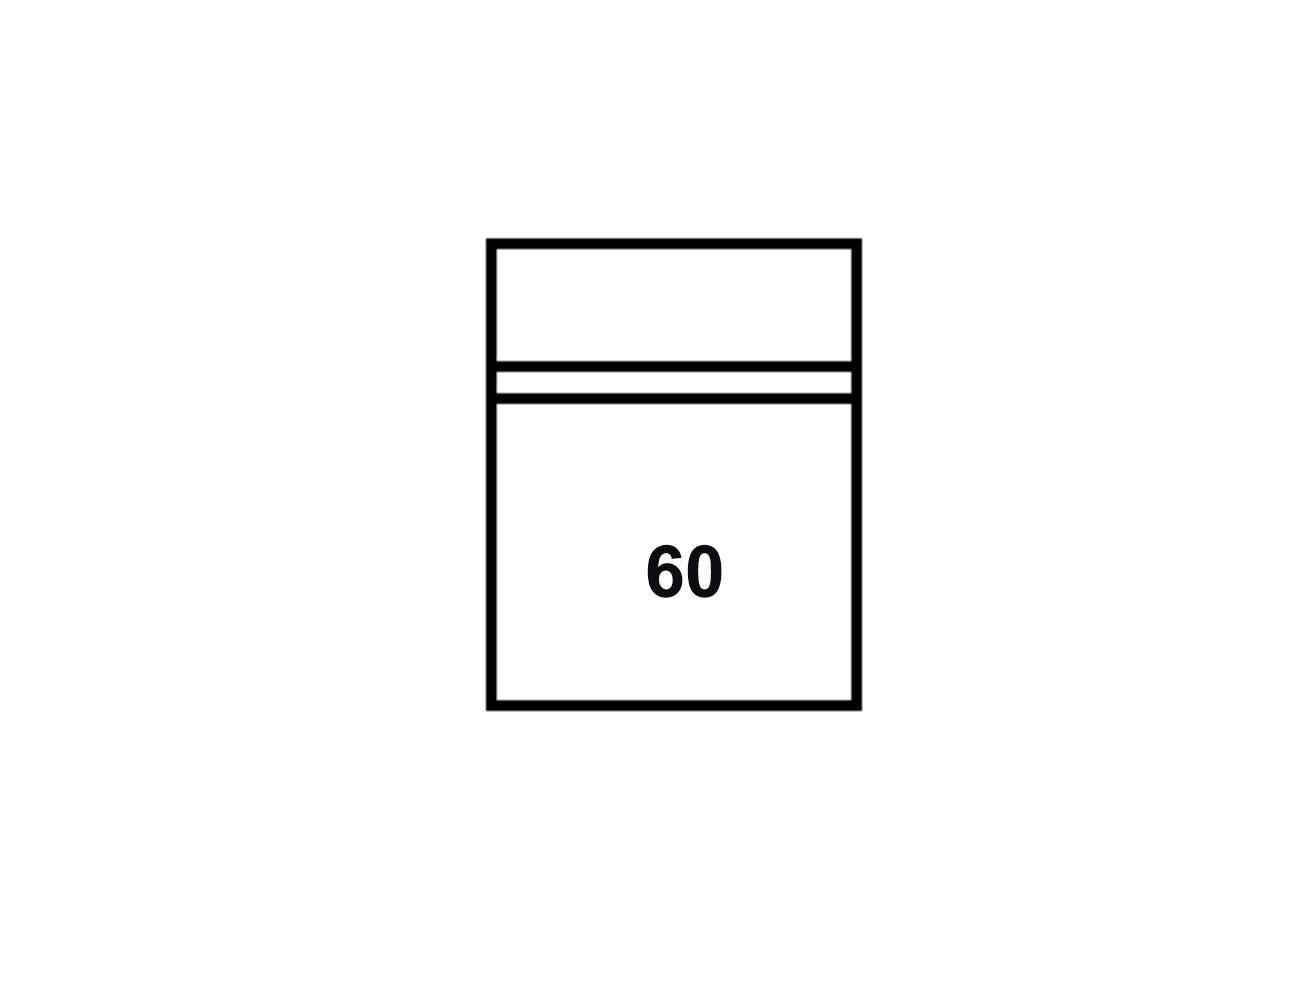 Modulo 1p 607